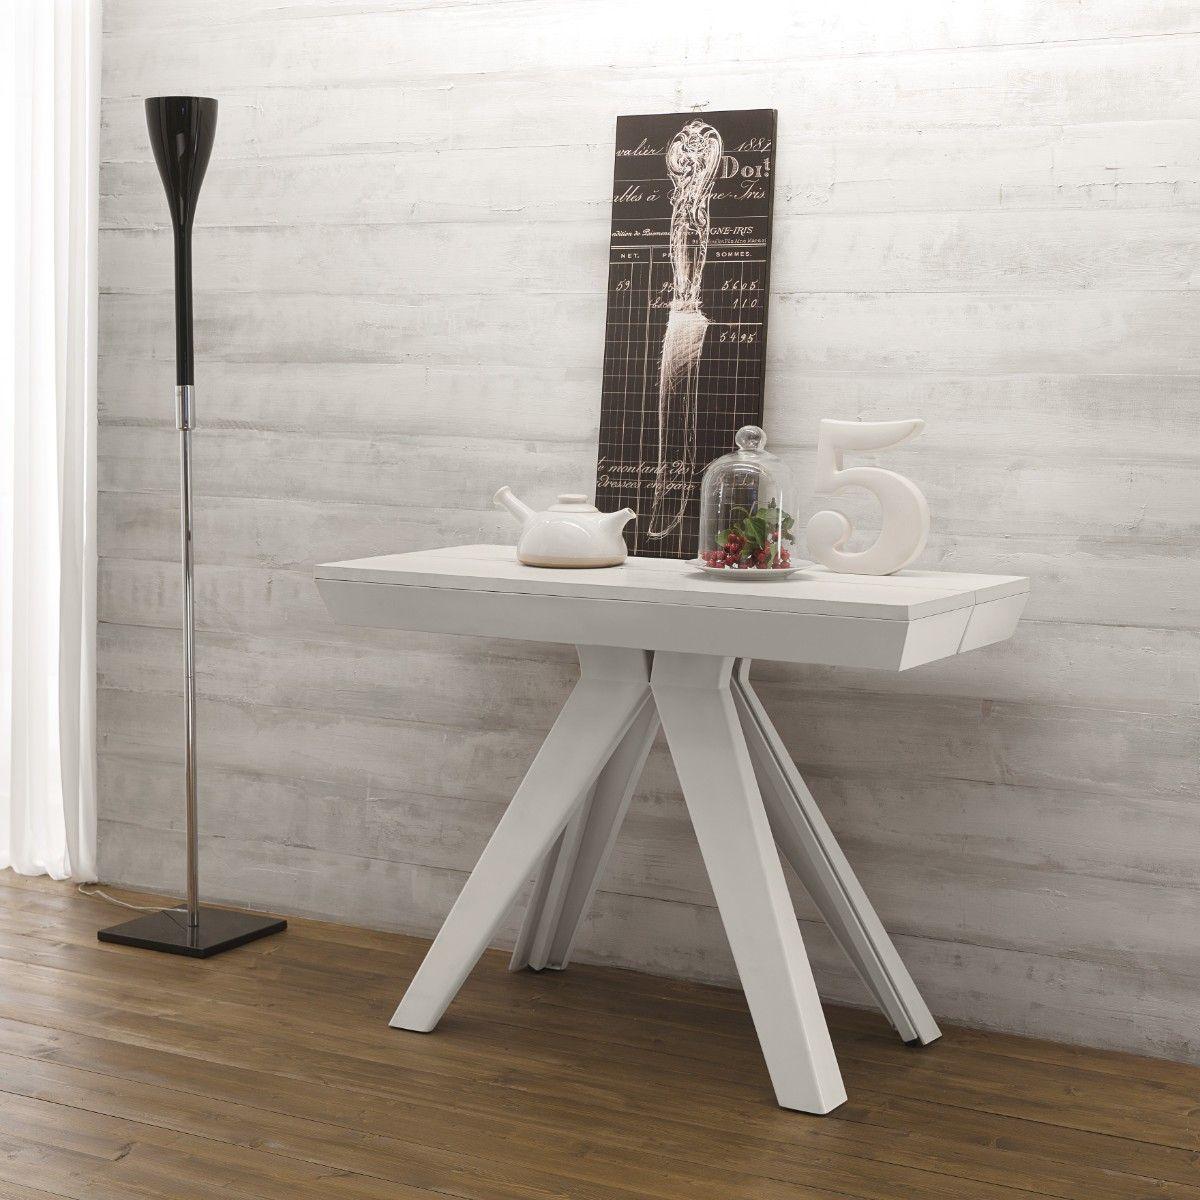 Consolle Veronika allungabile in tavolo 3 metri in alluminio e ...